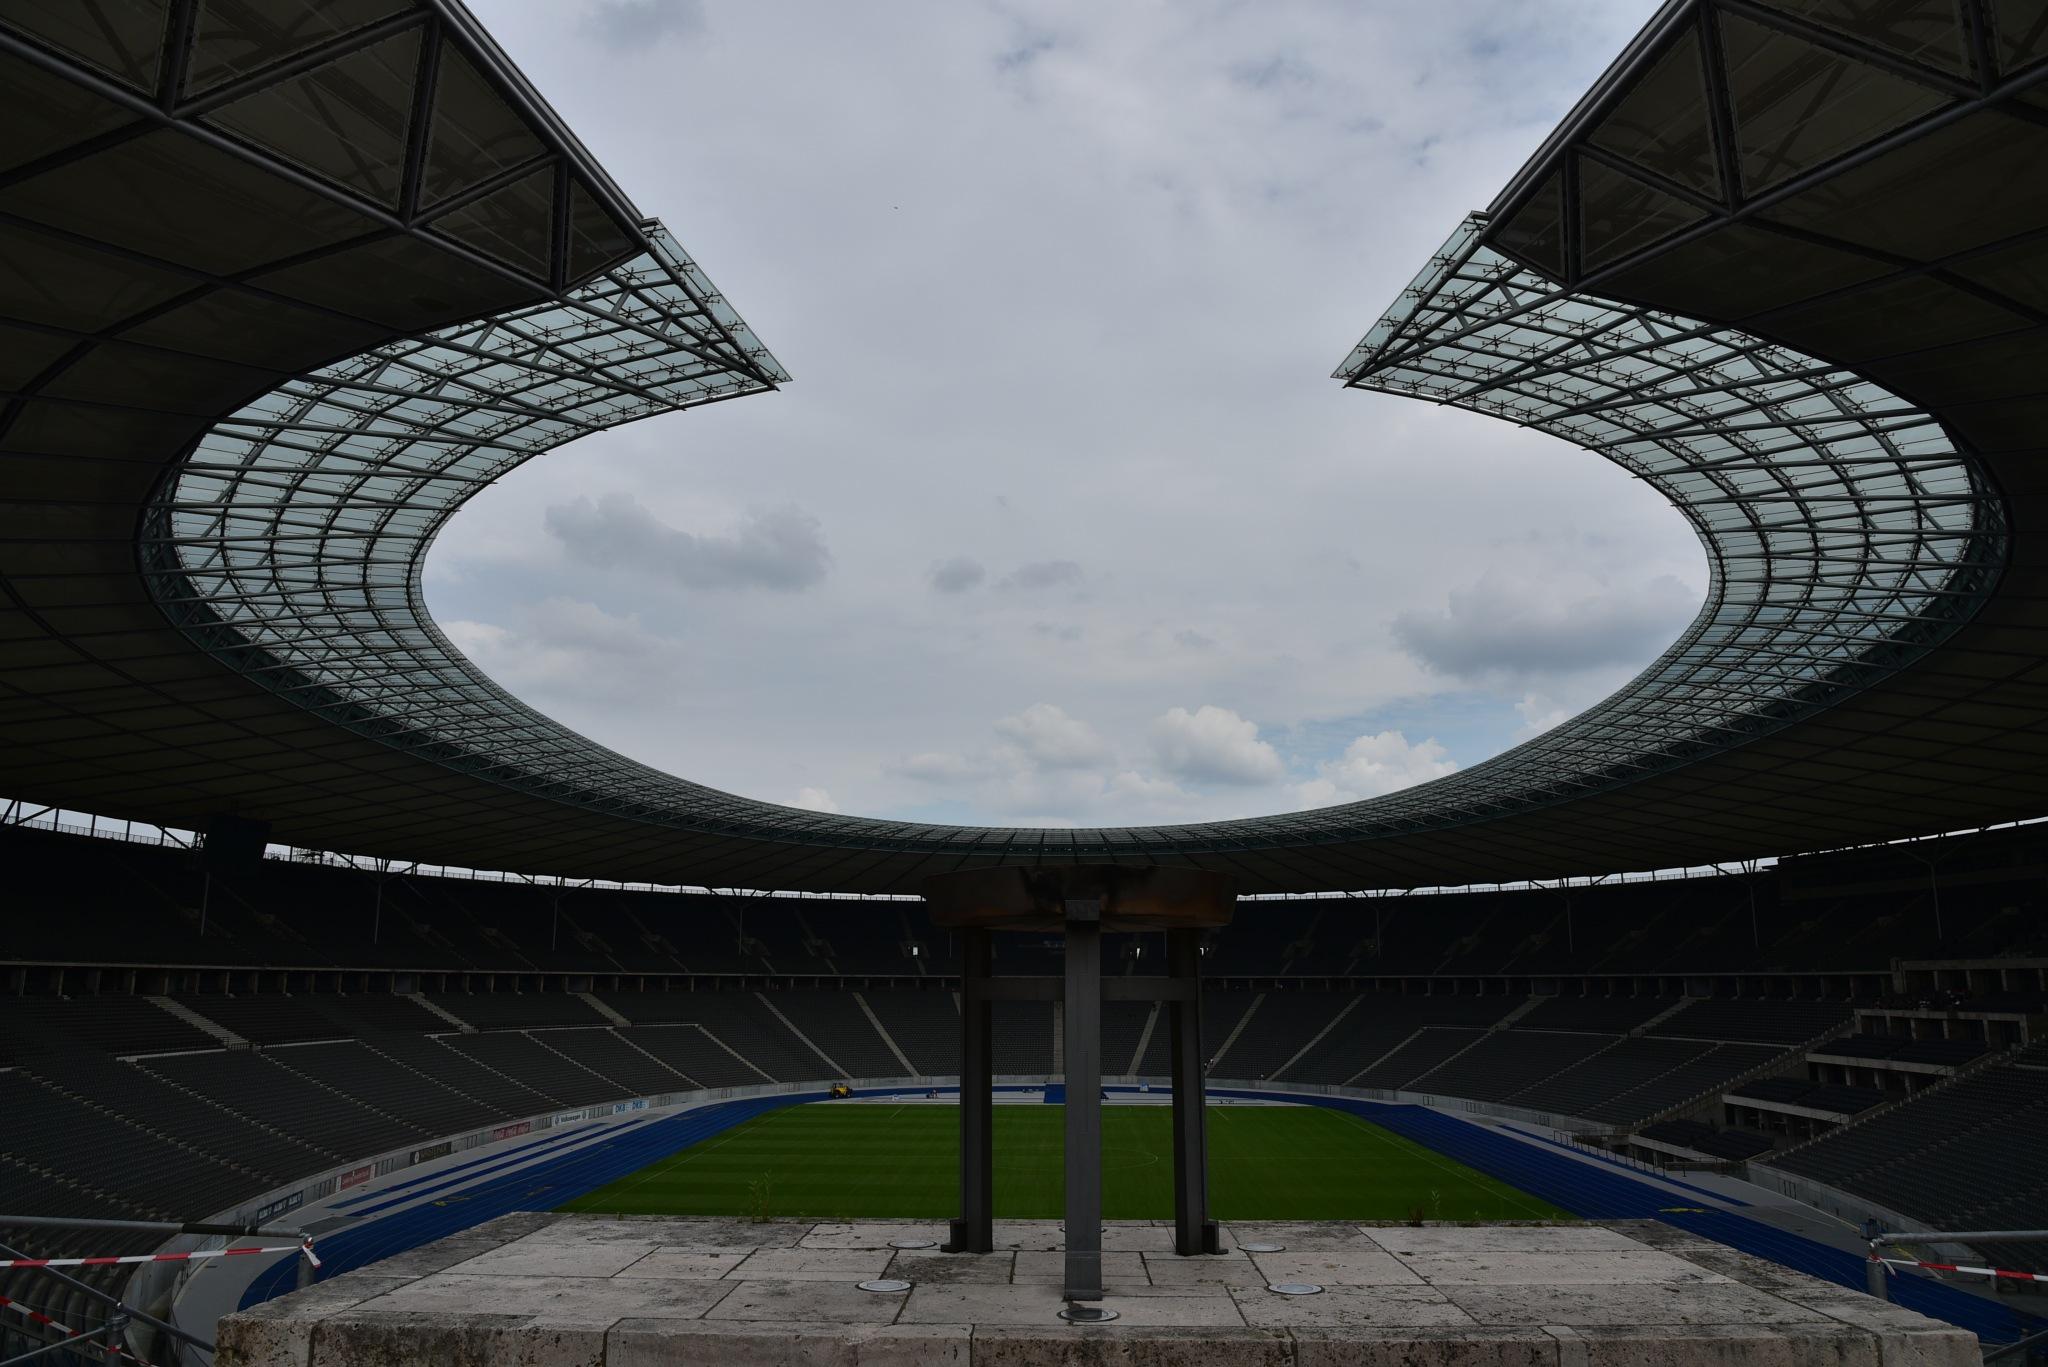 Olympiastadion by Oscar Zacconi